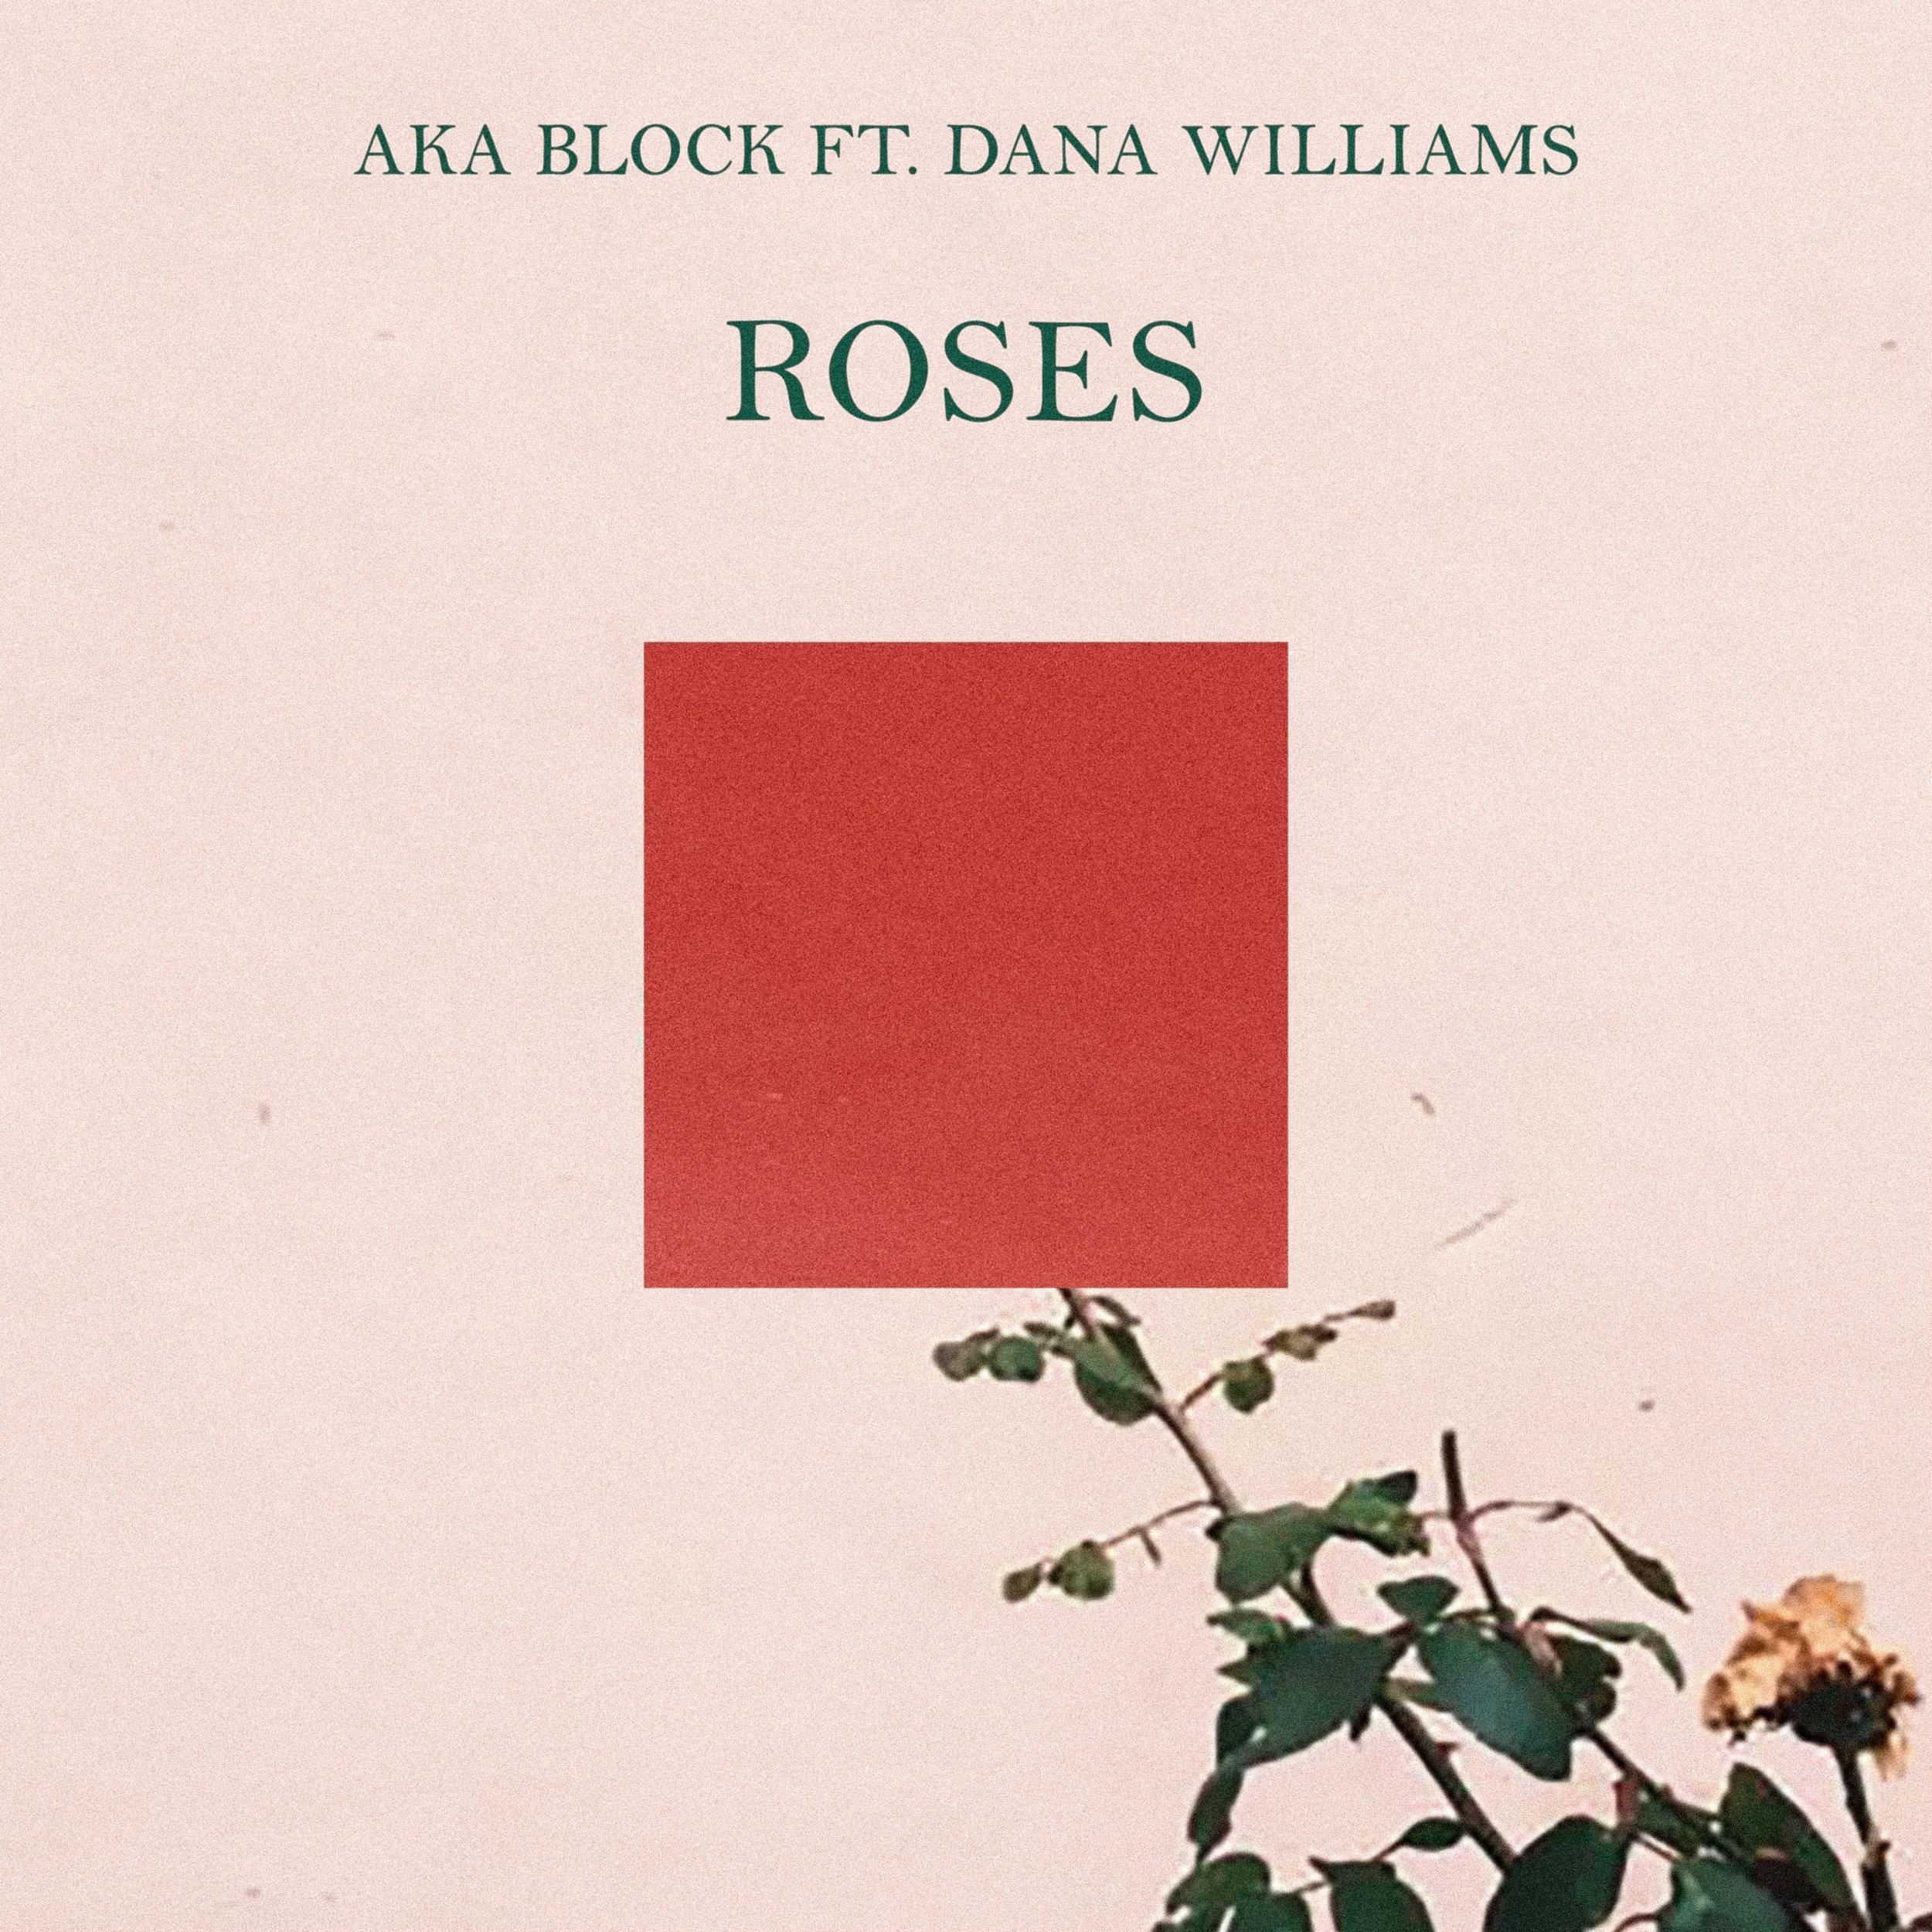 ROSES-ARTWORK-TRY-OUT-V3.jpg